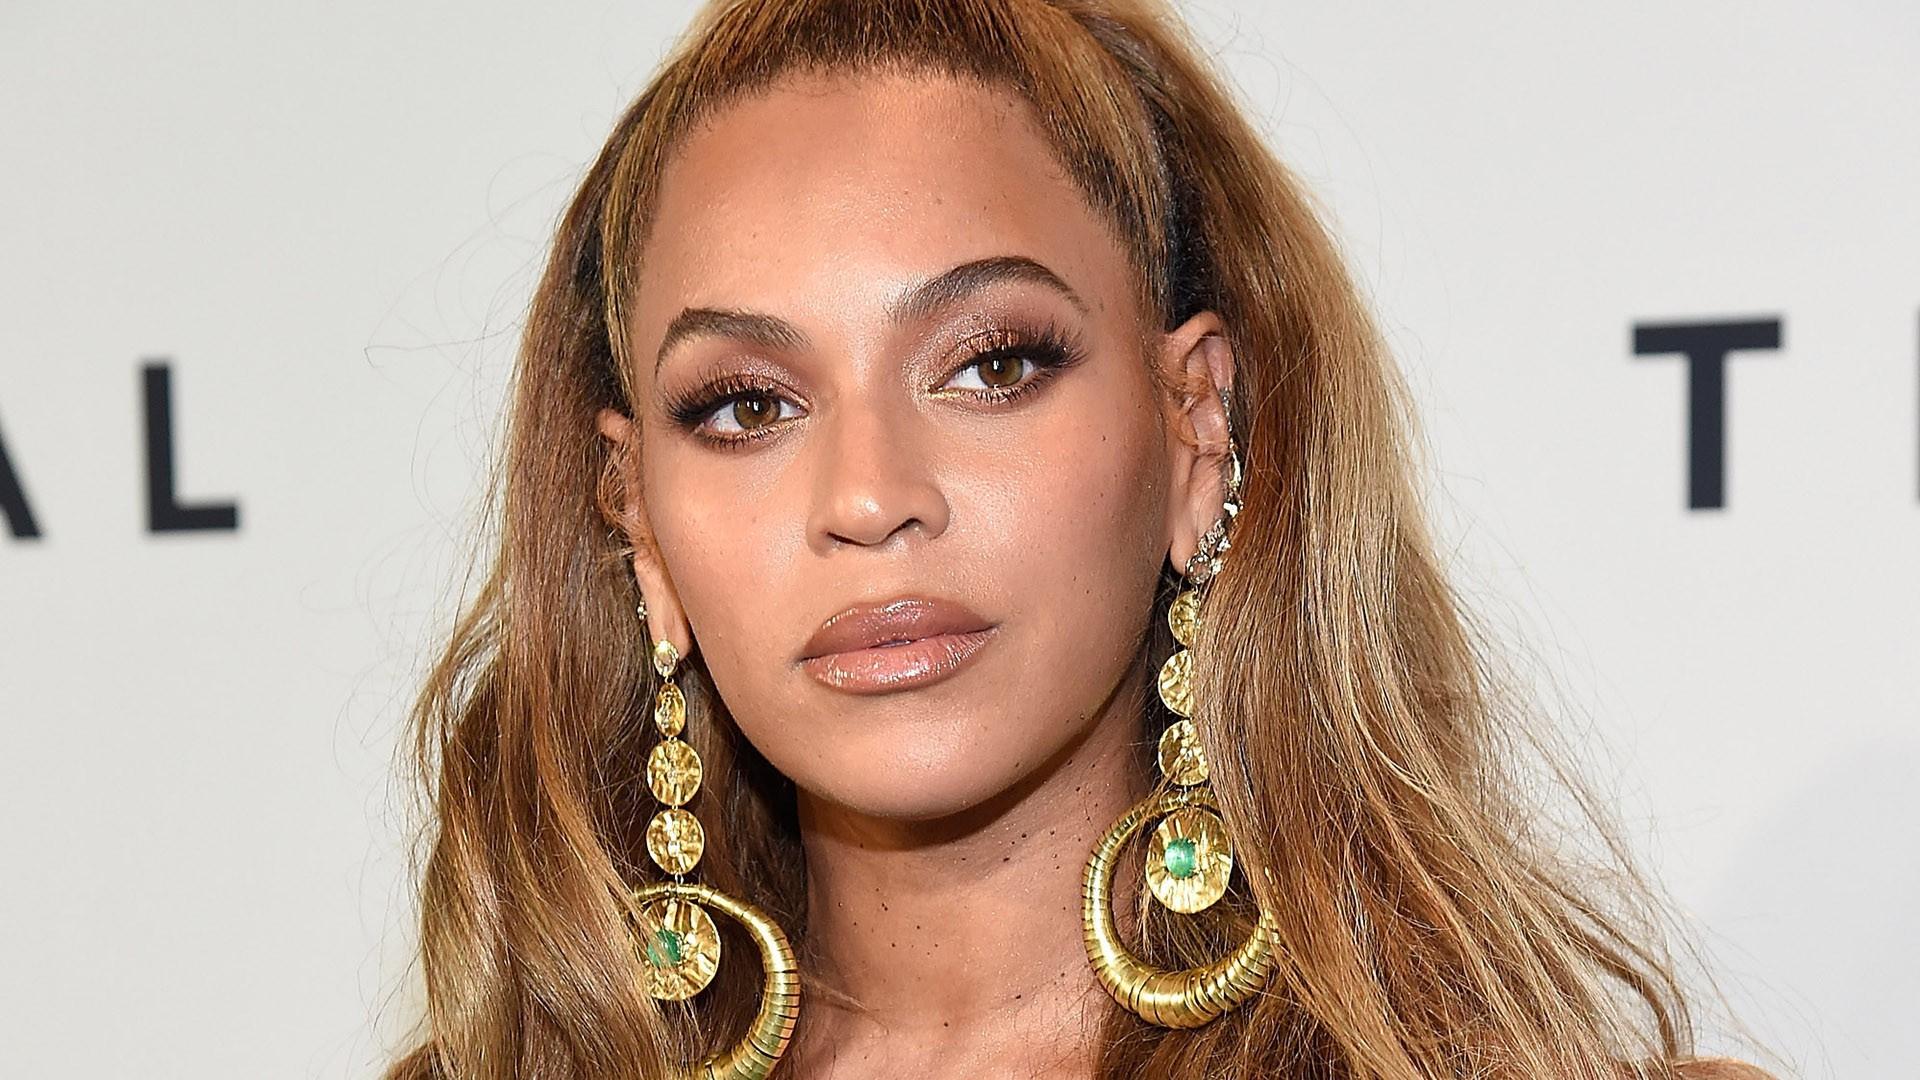 Top 80 phụ nữ giàu nhất nước Mỹ: Rihanna bỏ xa Taylor Swift trong ngỡ ngàng, tỷ phú Kylie Jenner vượt mặt cả chị Kim - Ảnh 7.